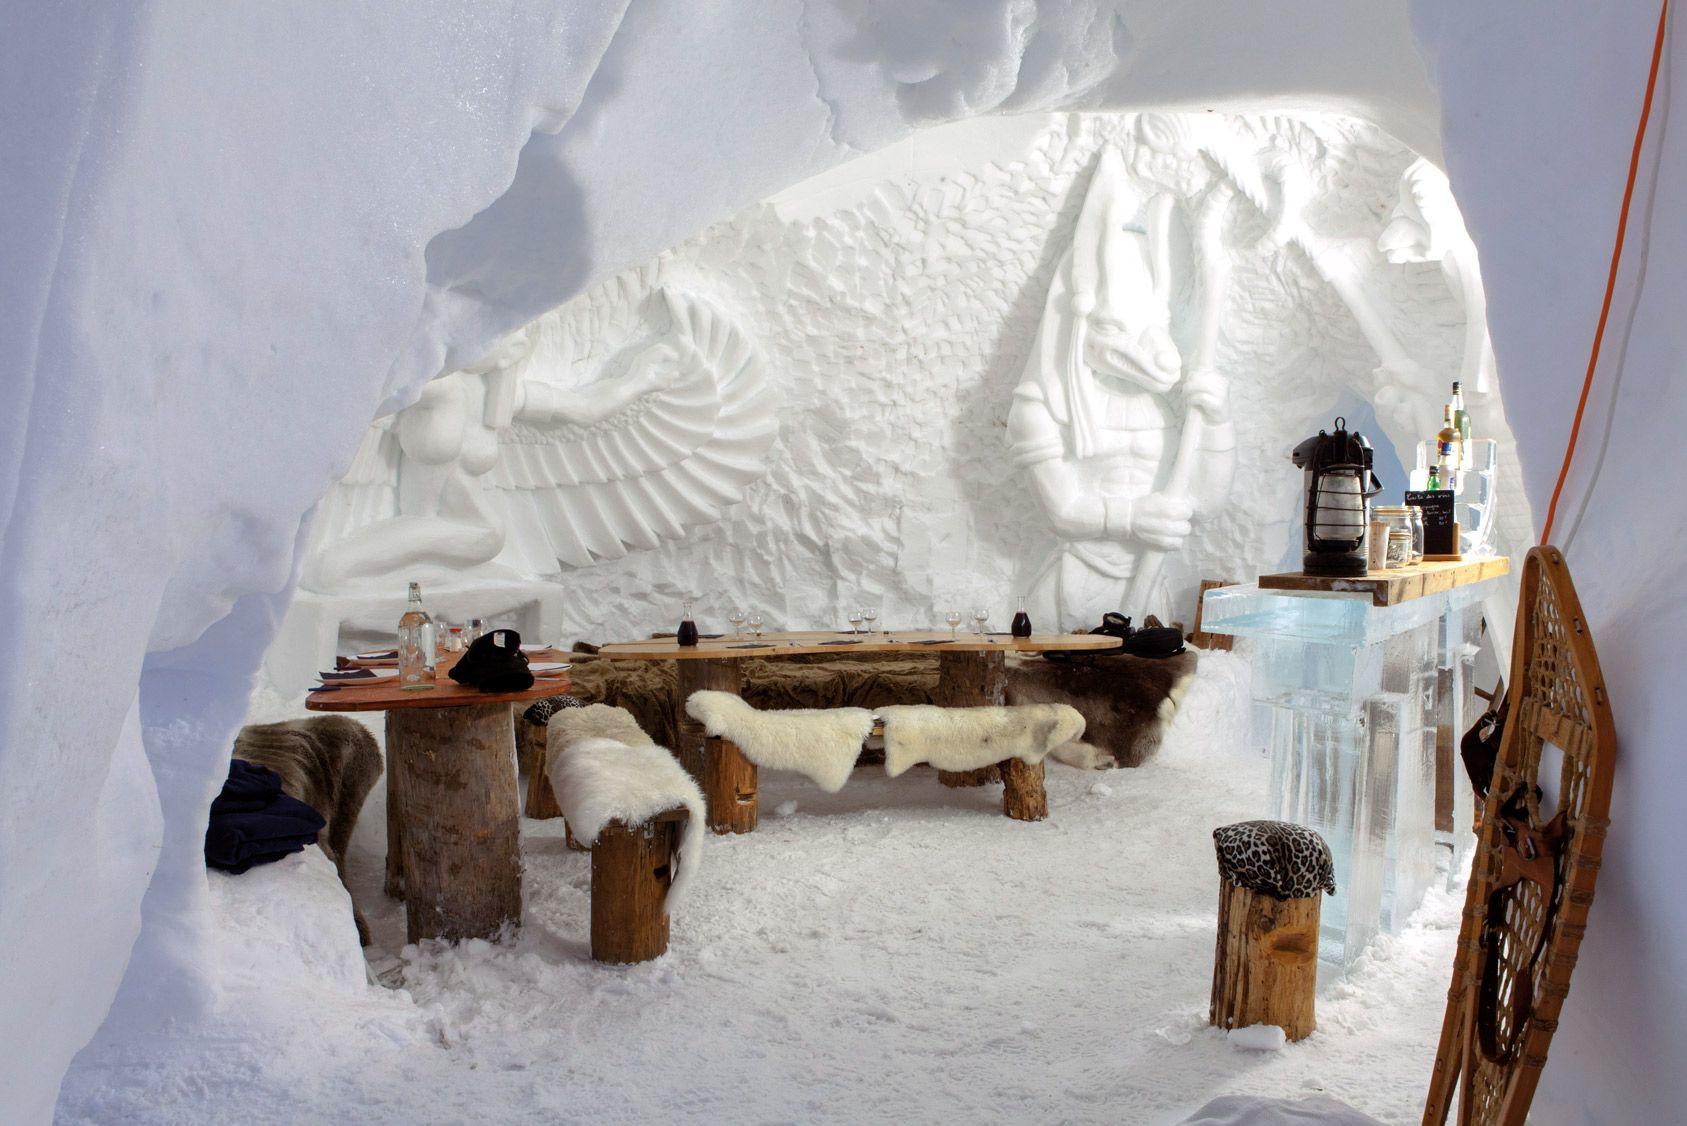 Une nuit dans un véritable igloo